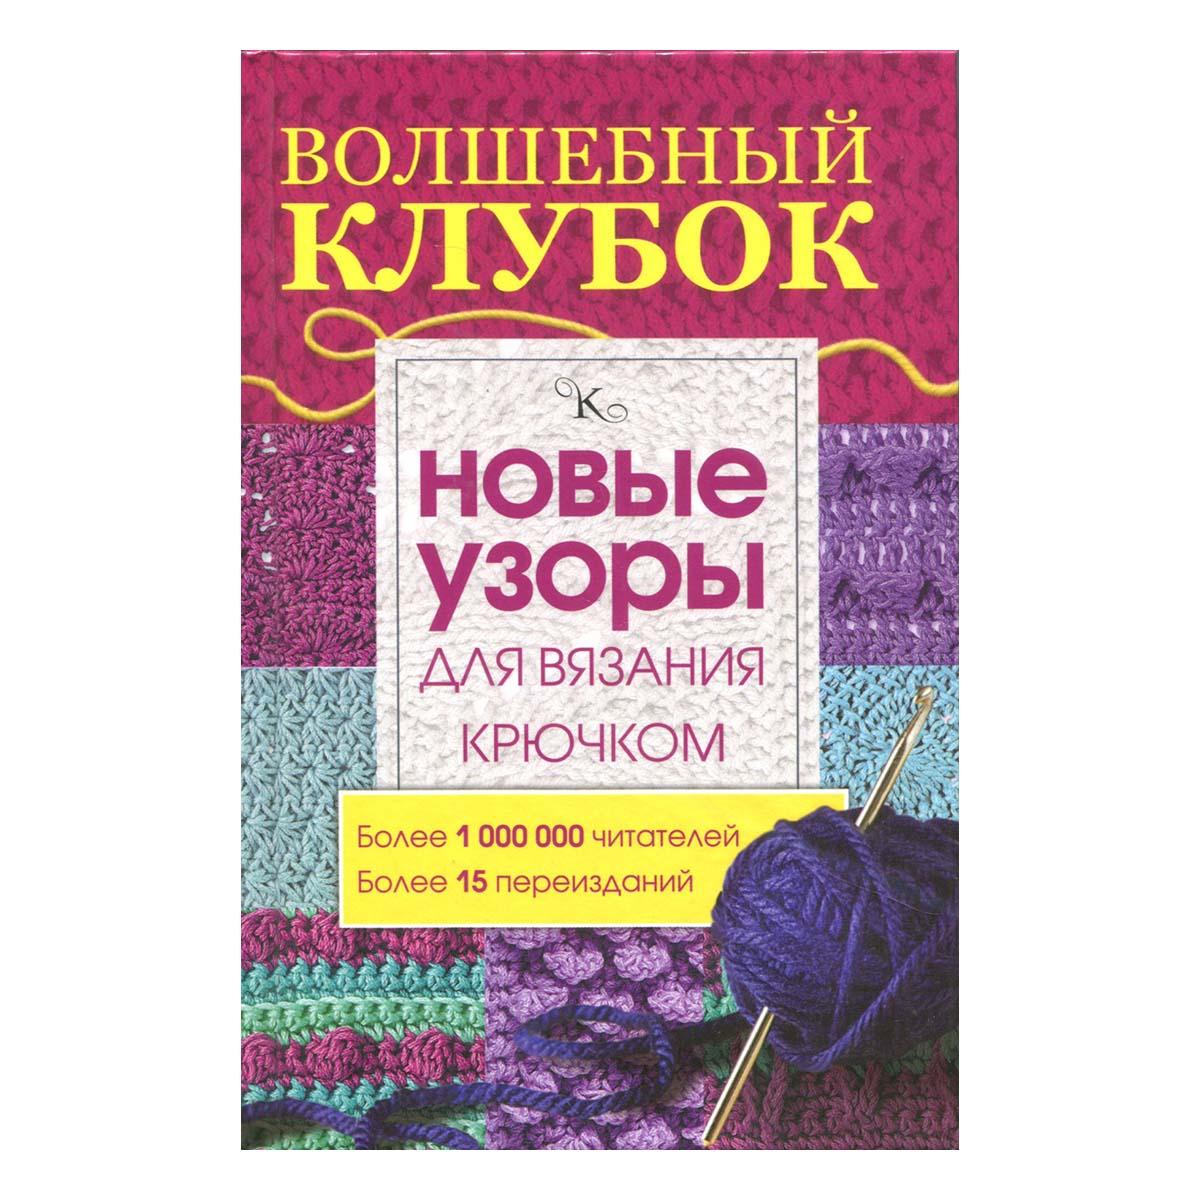 Книга Волшебный клубок. Новые узоры для вязания крючком.